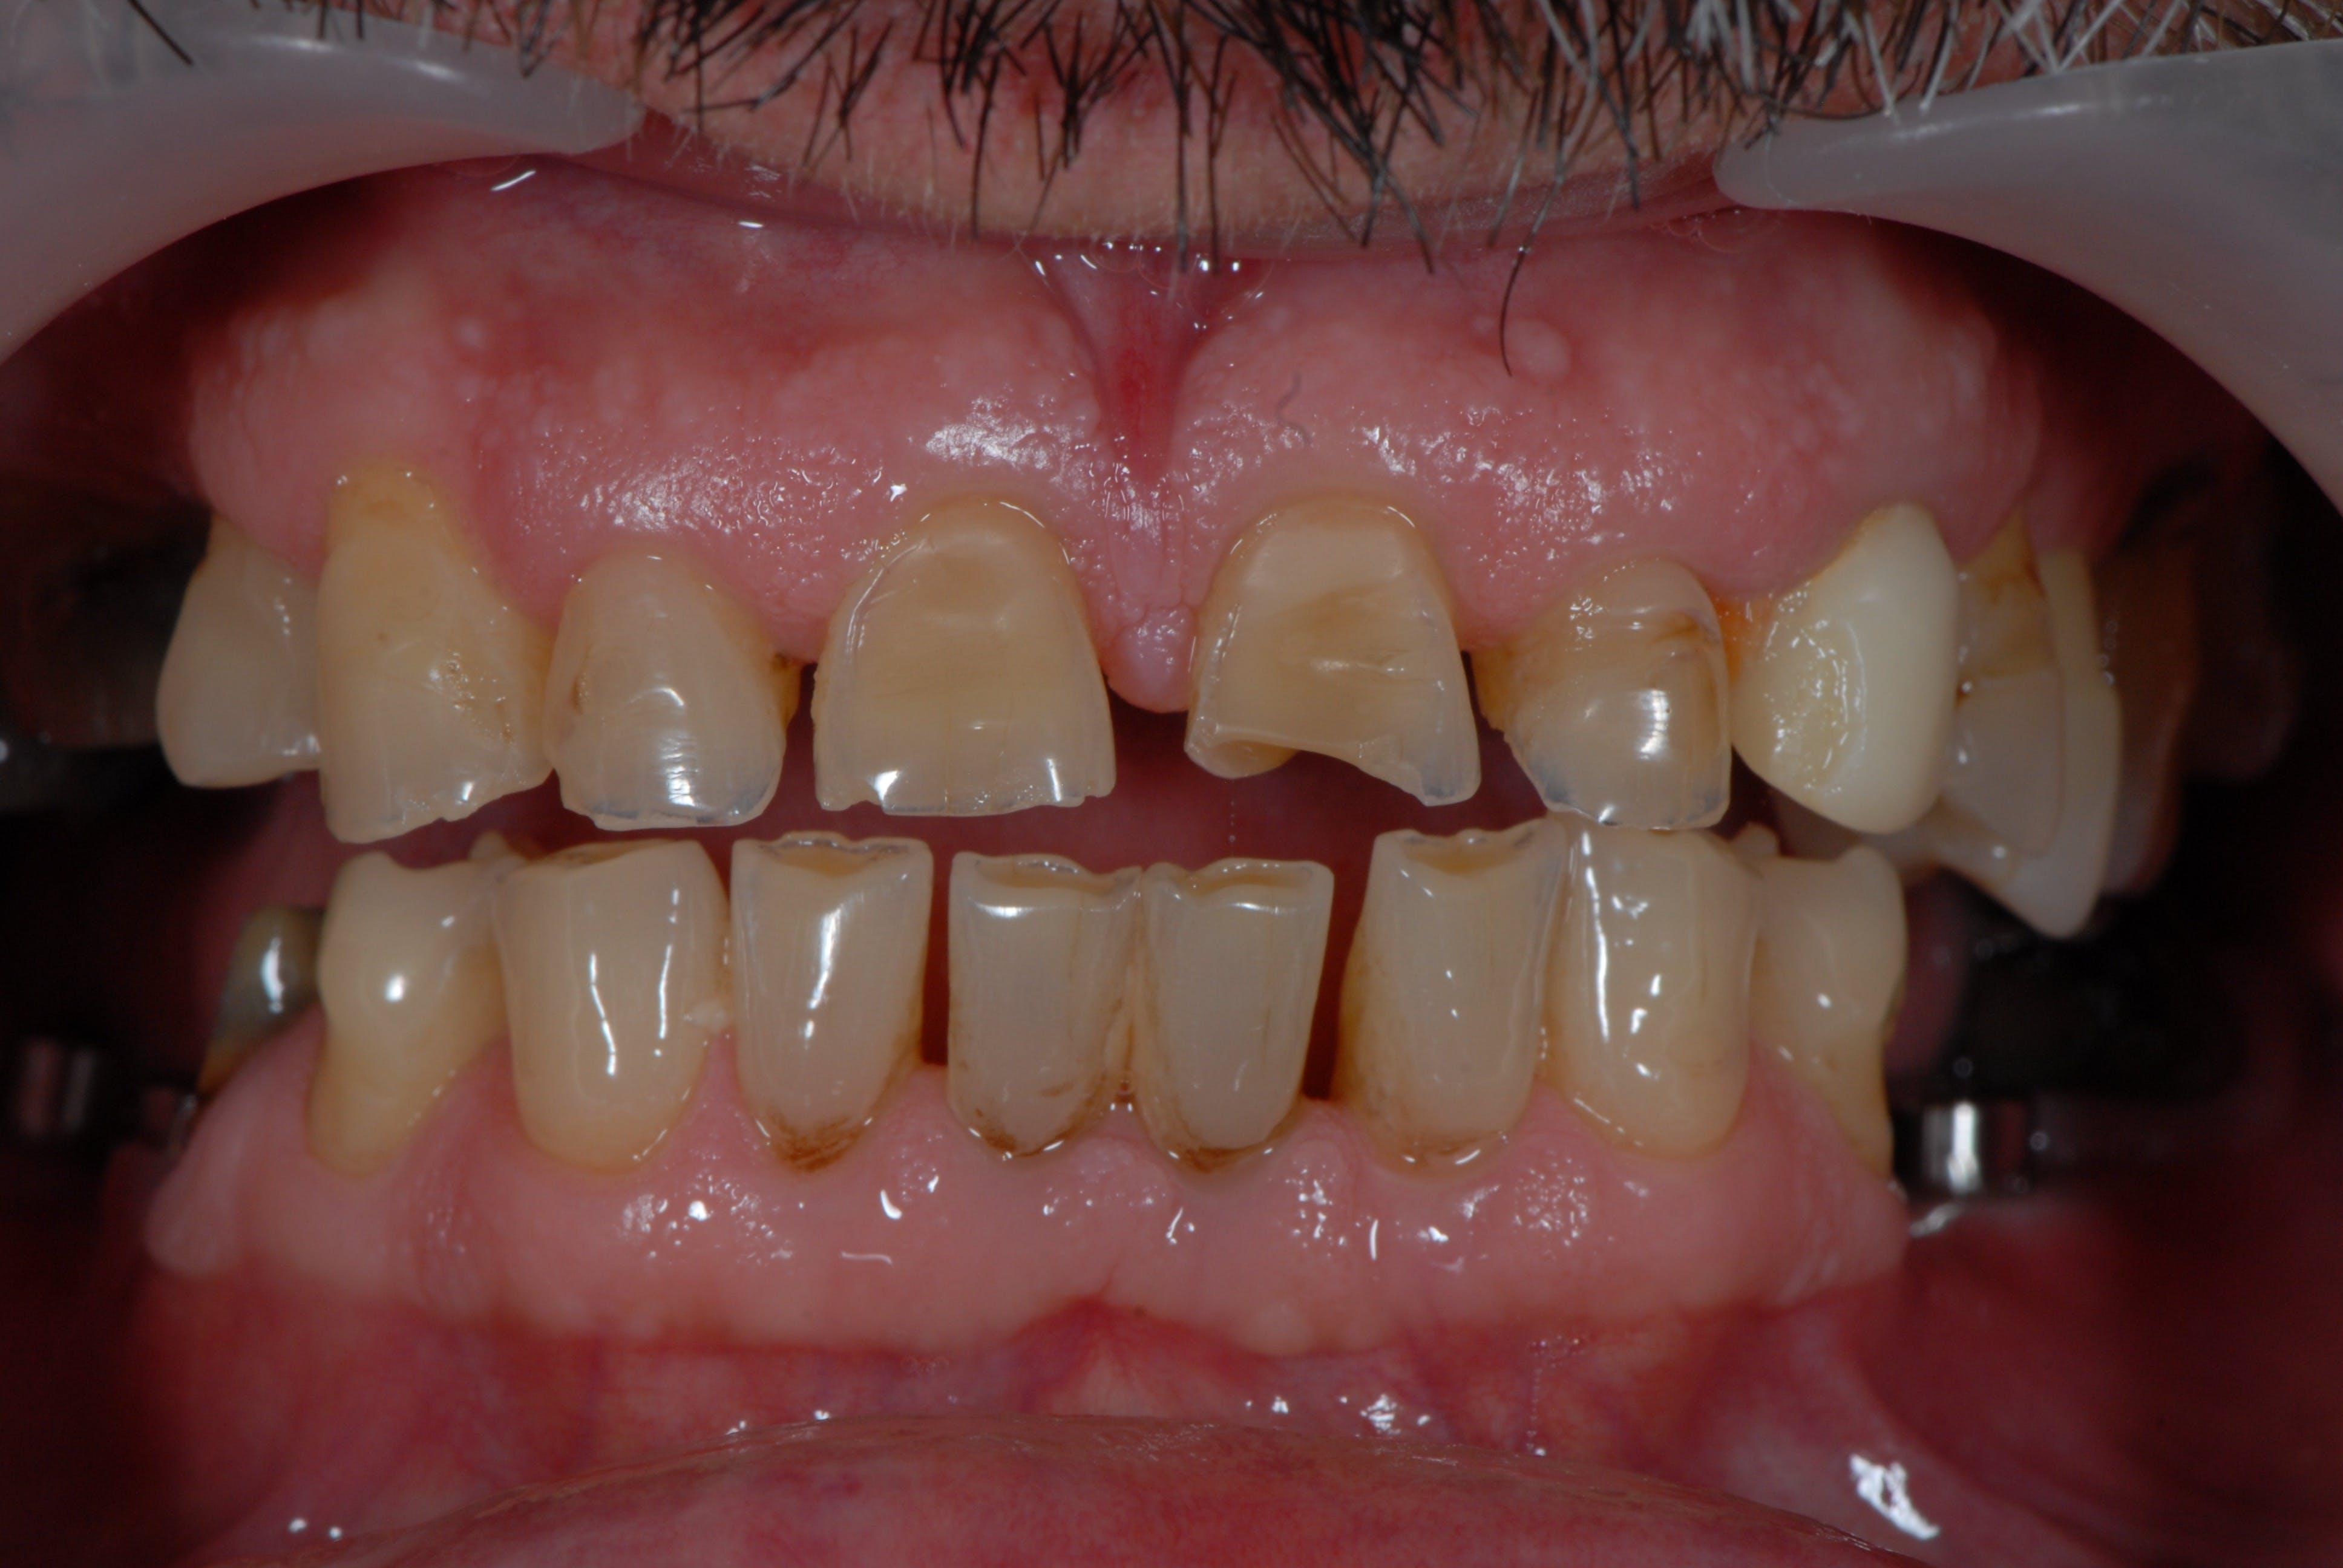 Fațete dentare DentoArt Galați Cazuri